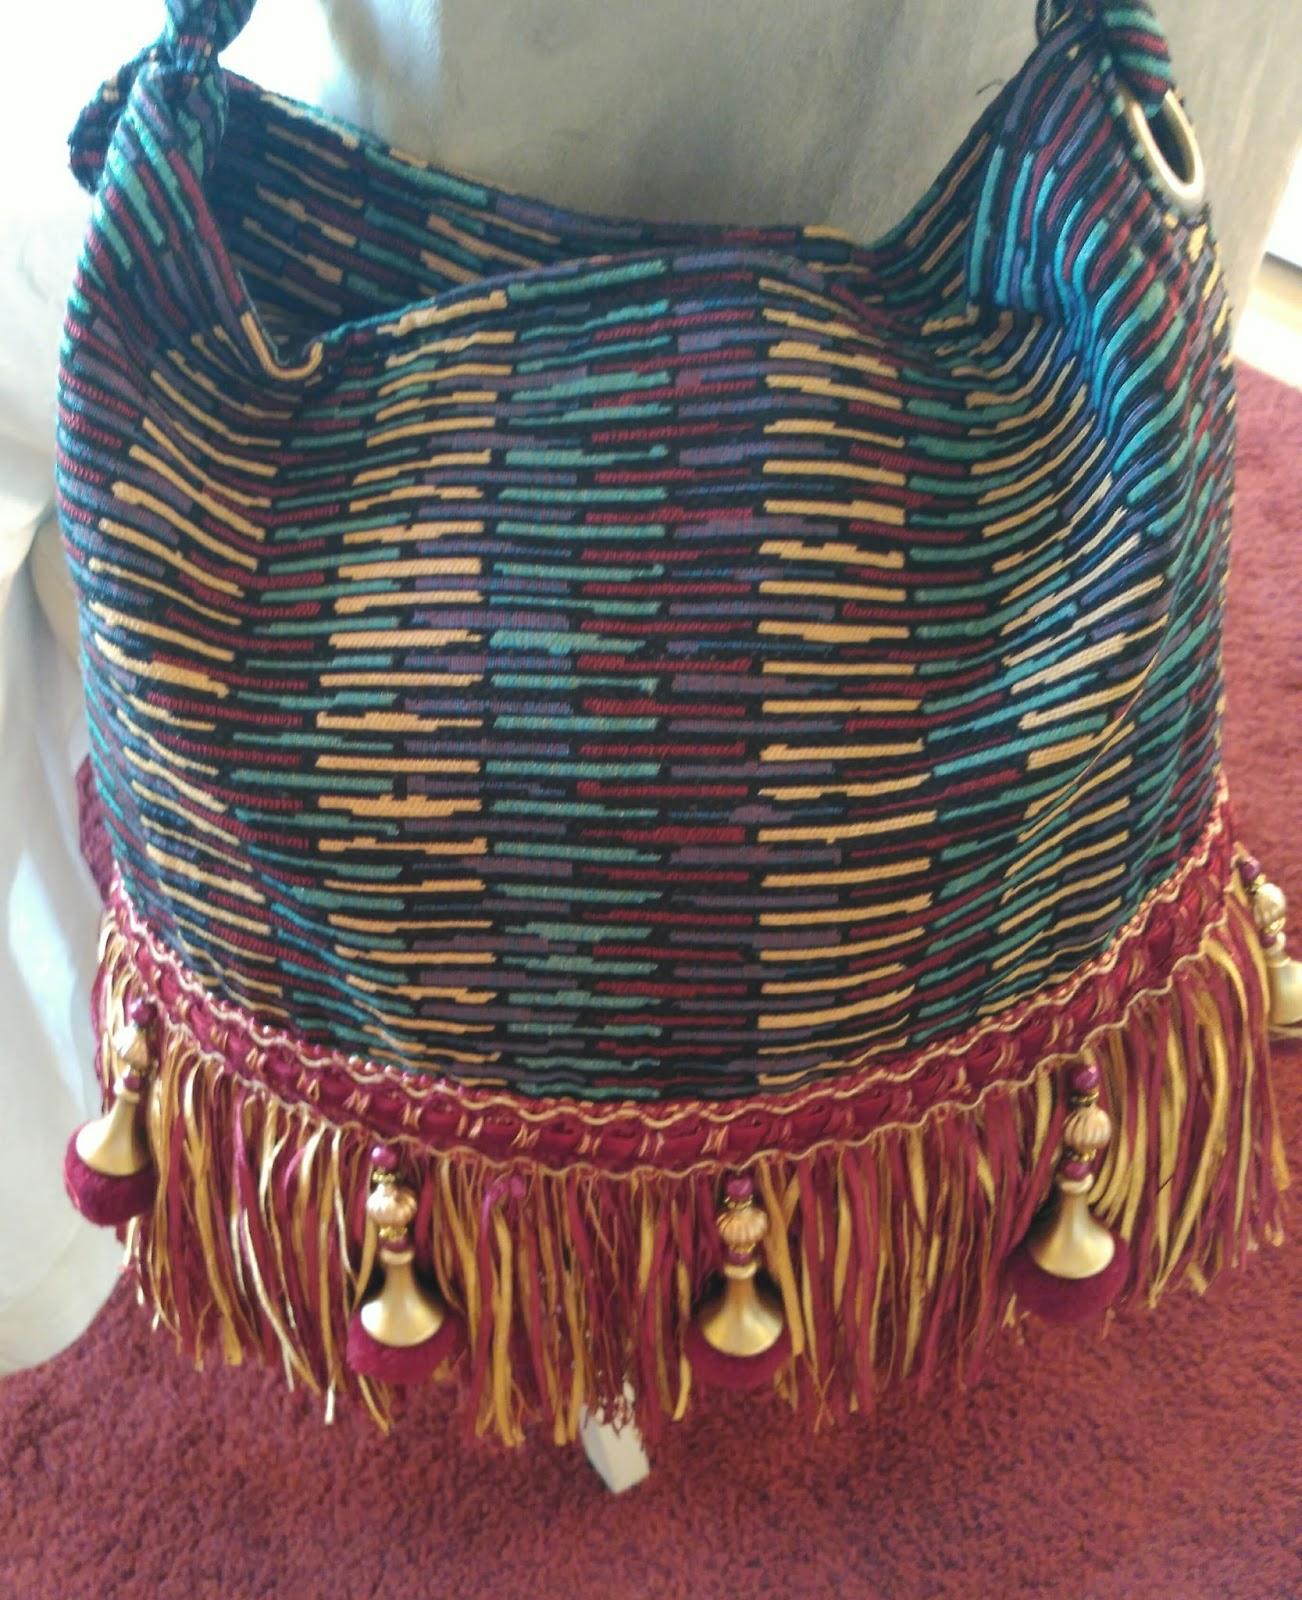 03f9922f2 Bolsos en tela con adornos de flecos en la parte inferior. Tamaño grande,  para llevar al hombro. Envios desde Valladolid a toda España. 29€